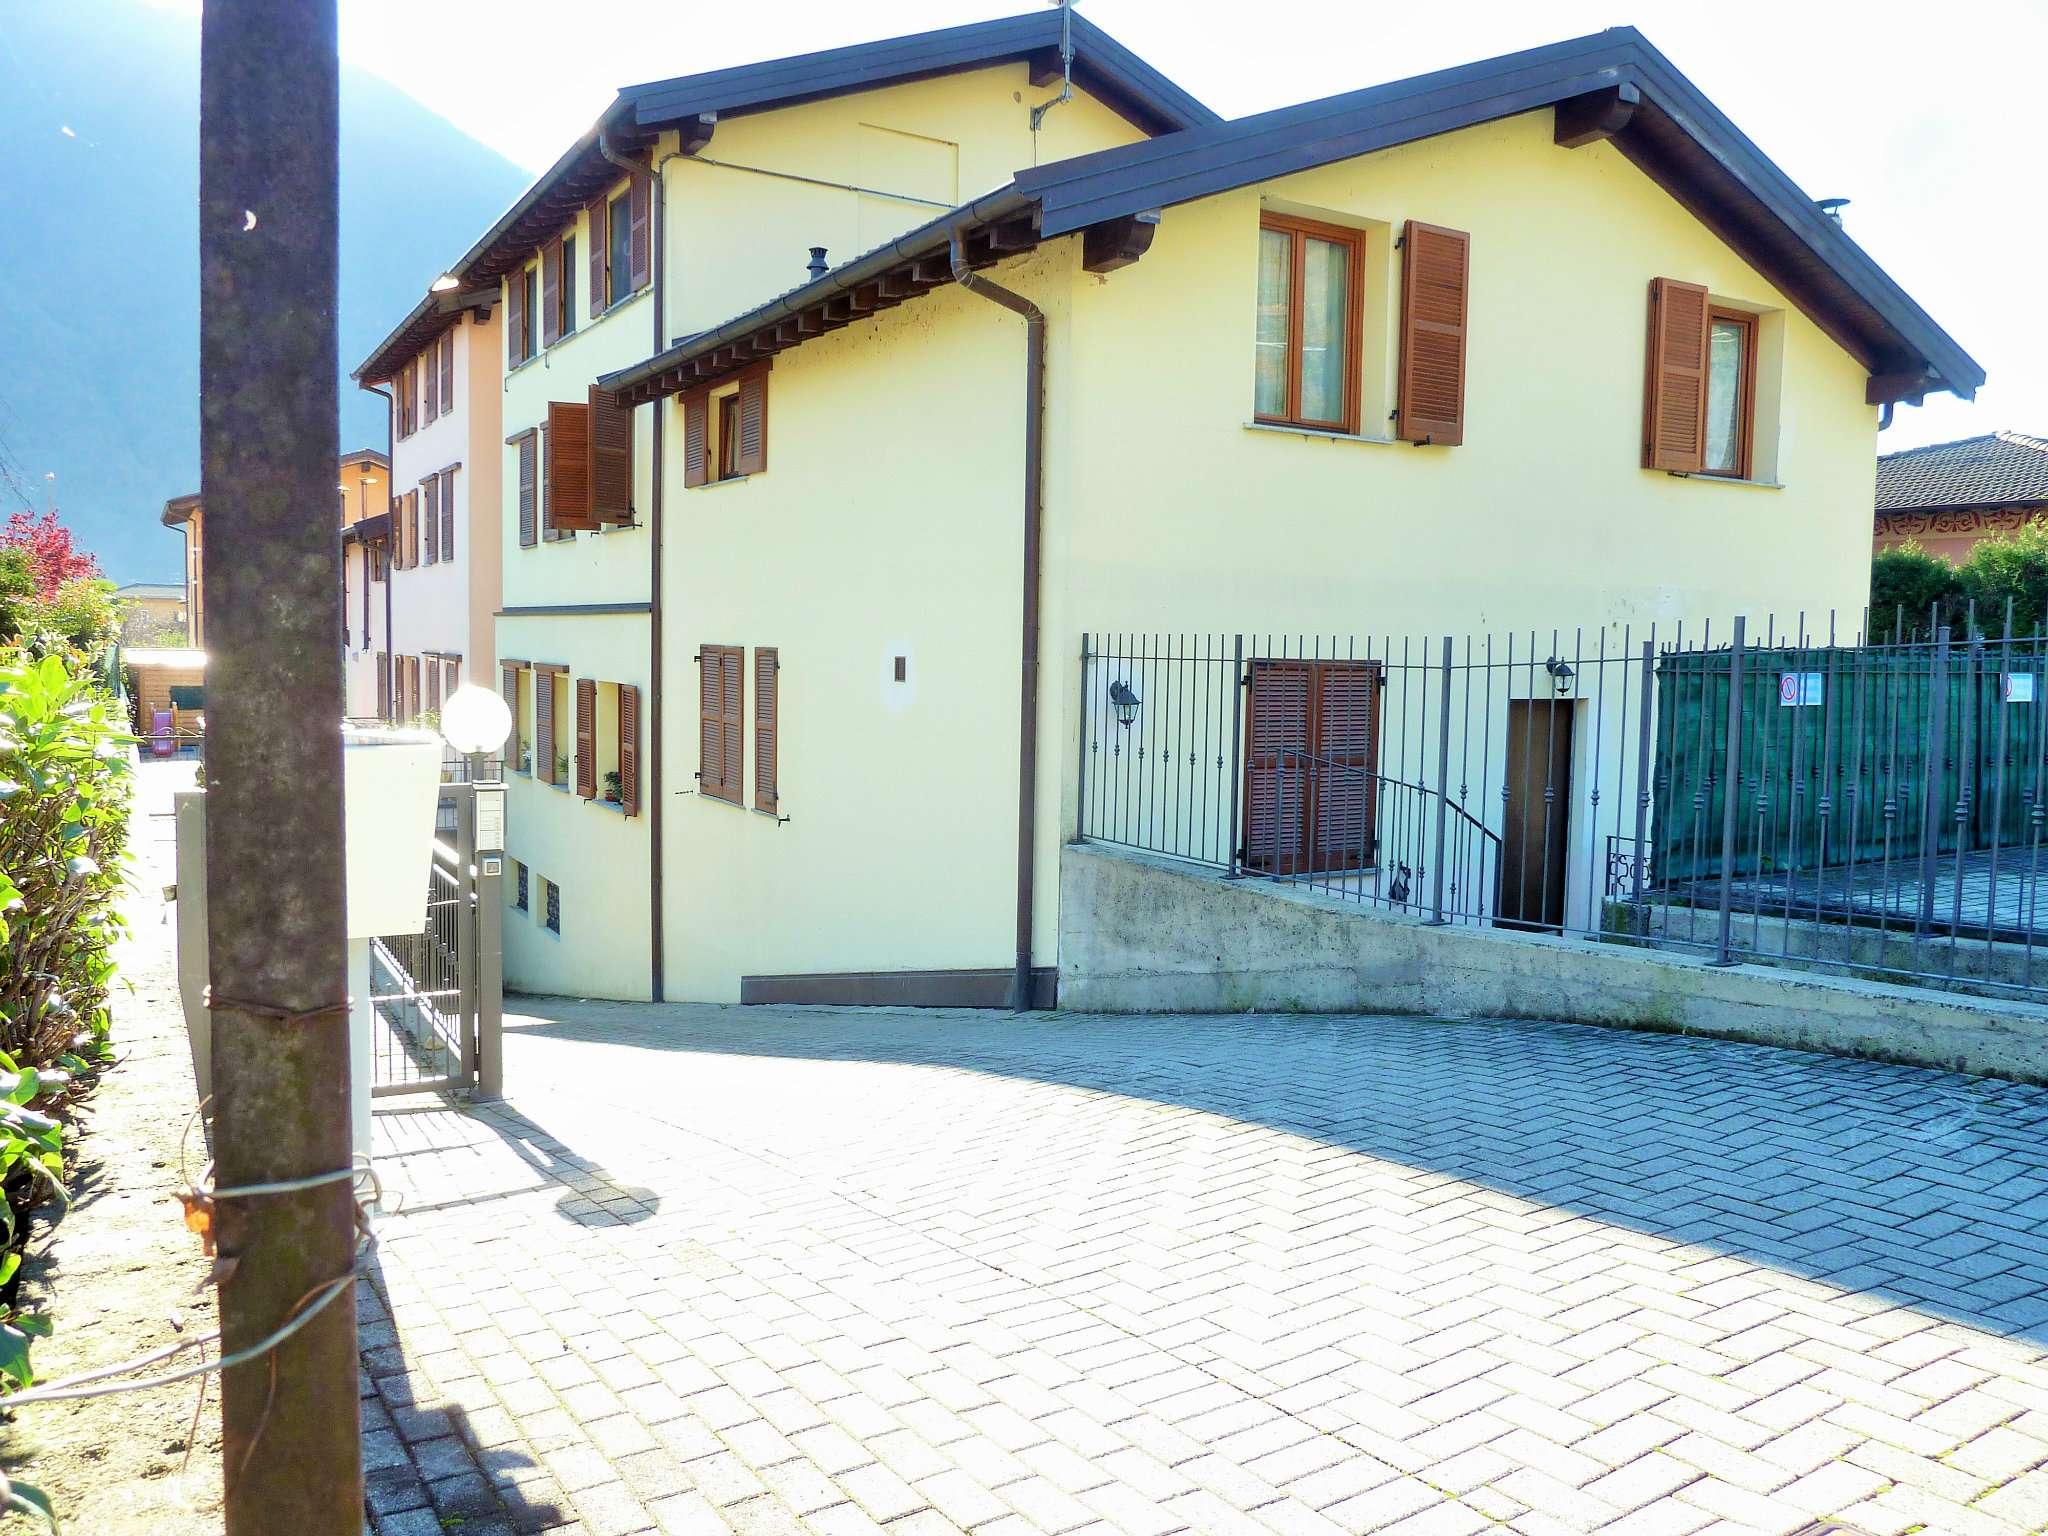 Appartamento in vendita a Porlezza, 3 locali, prezzo € 249.000 | PortaleAgenzieImmobiliari.it